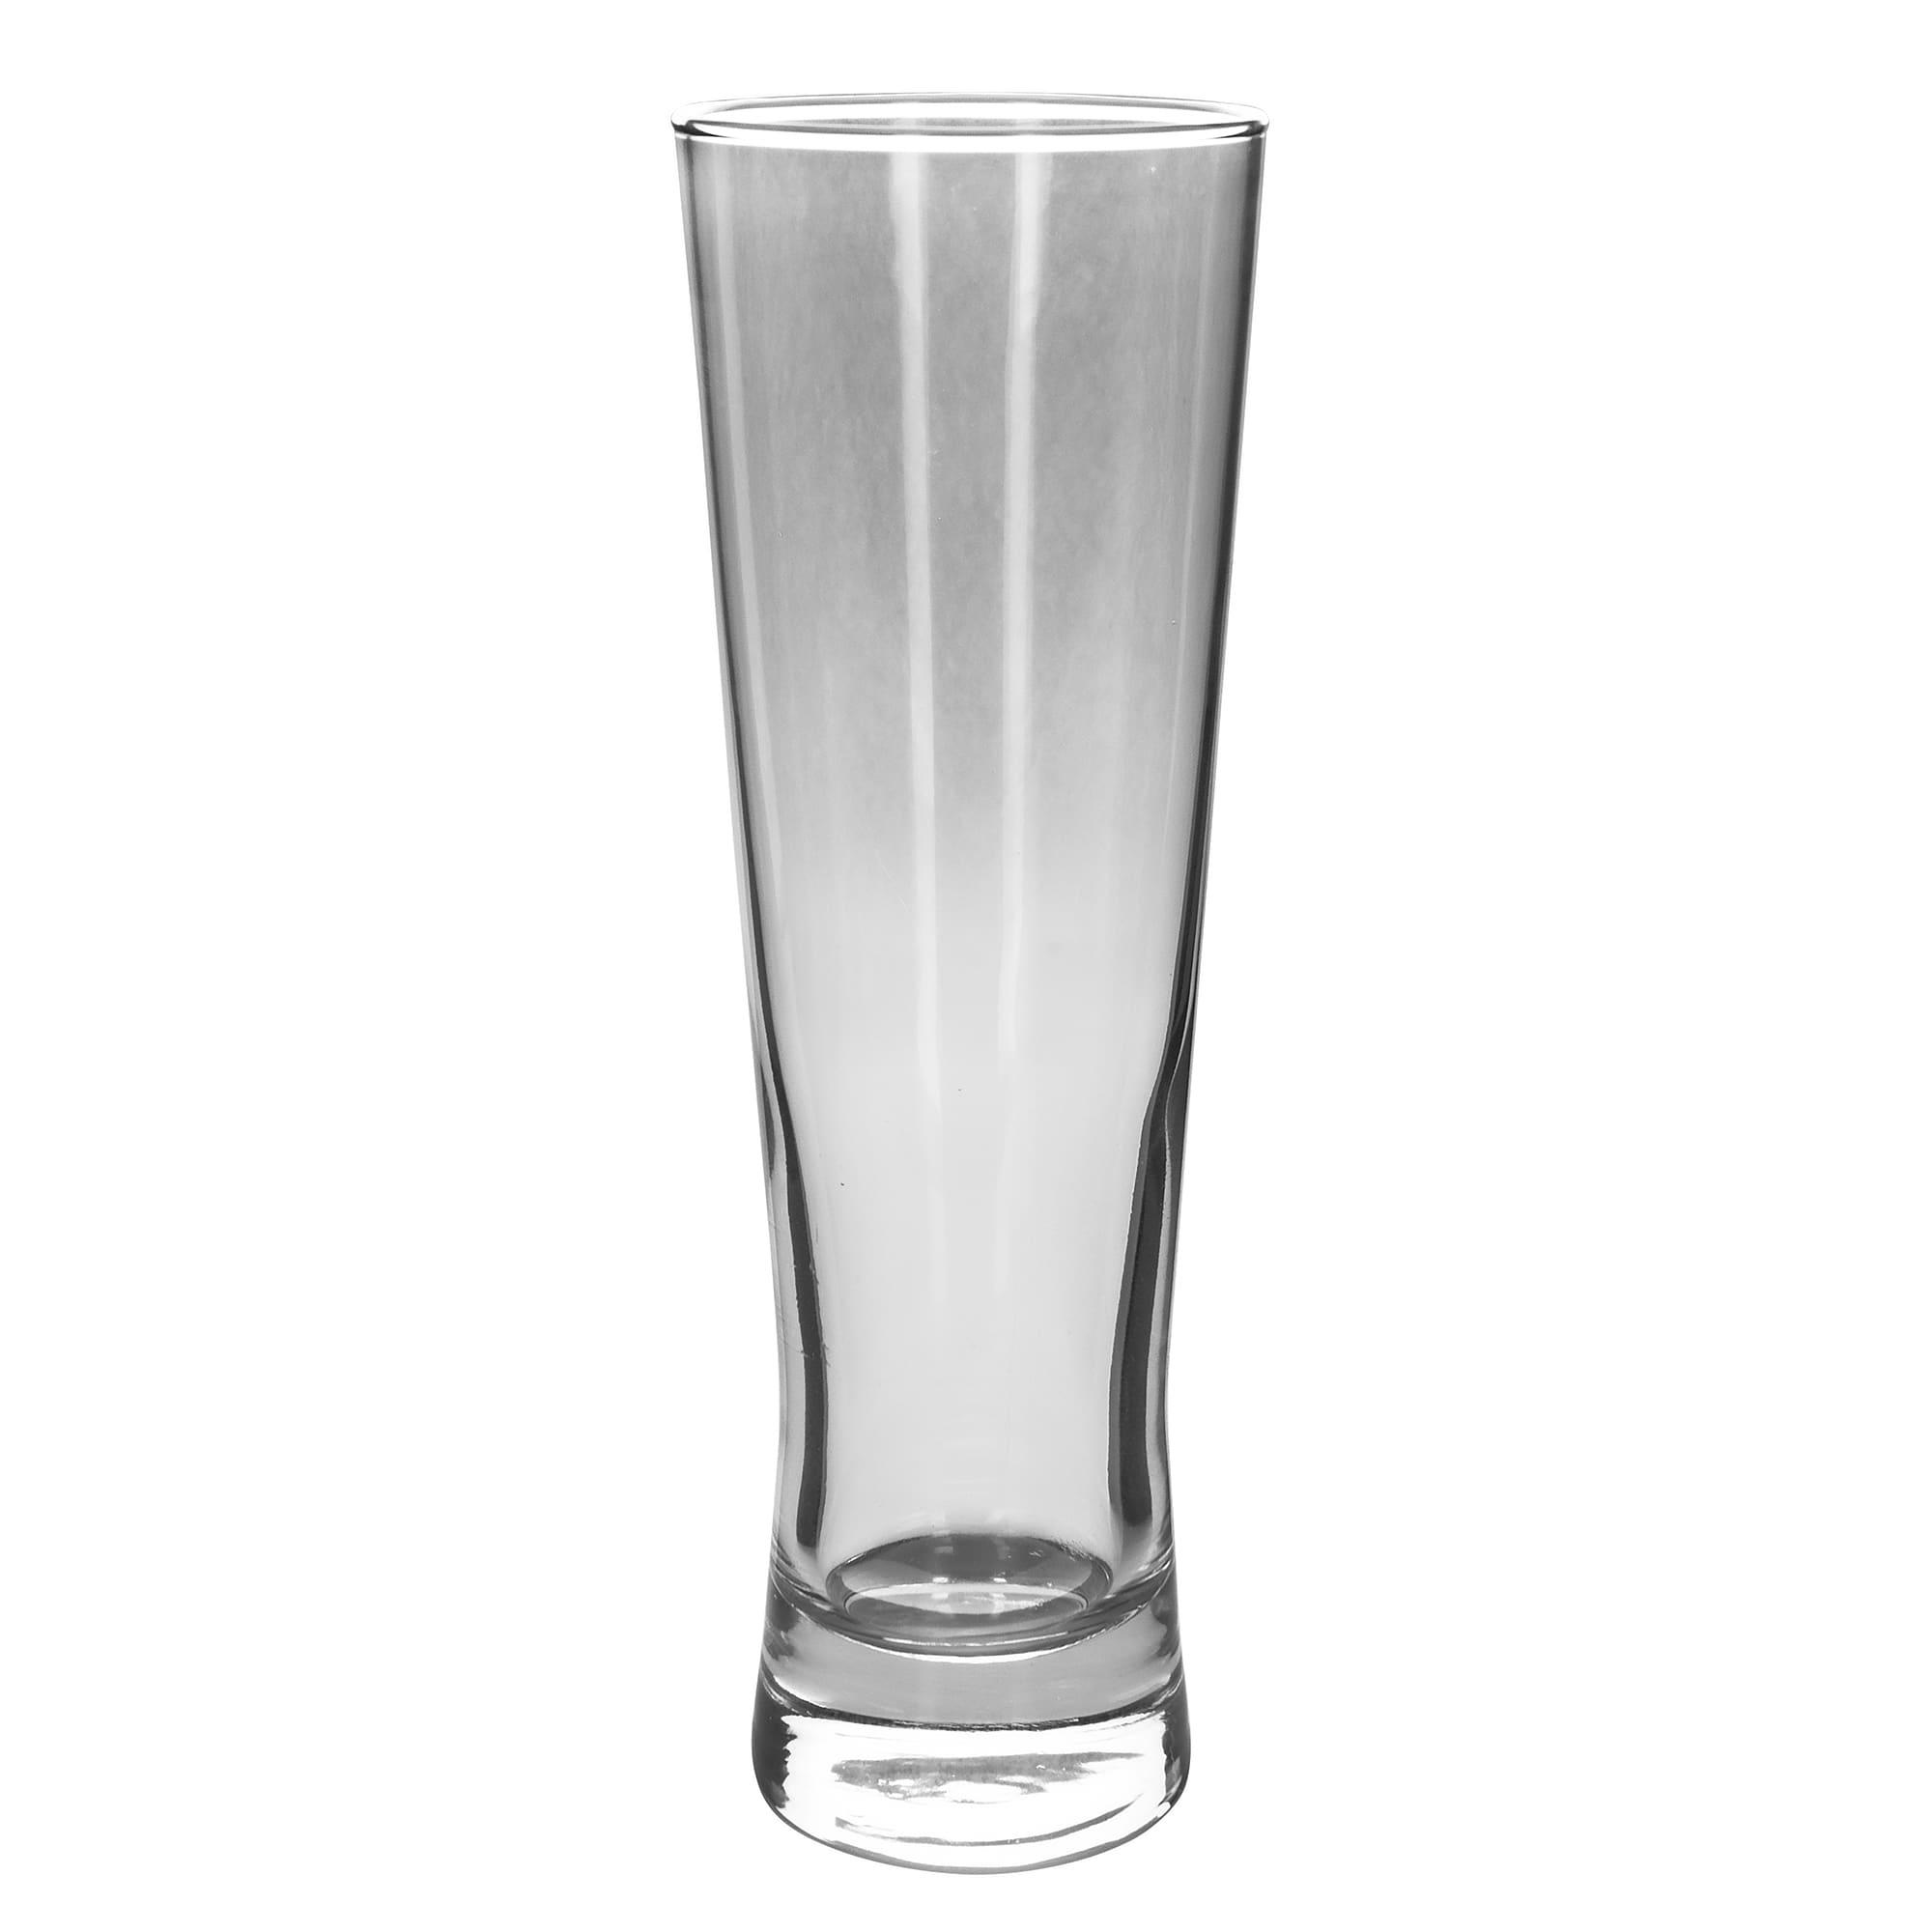 Libbey 526 14 oz Pinnacle Beer Glass